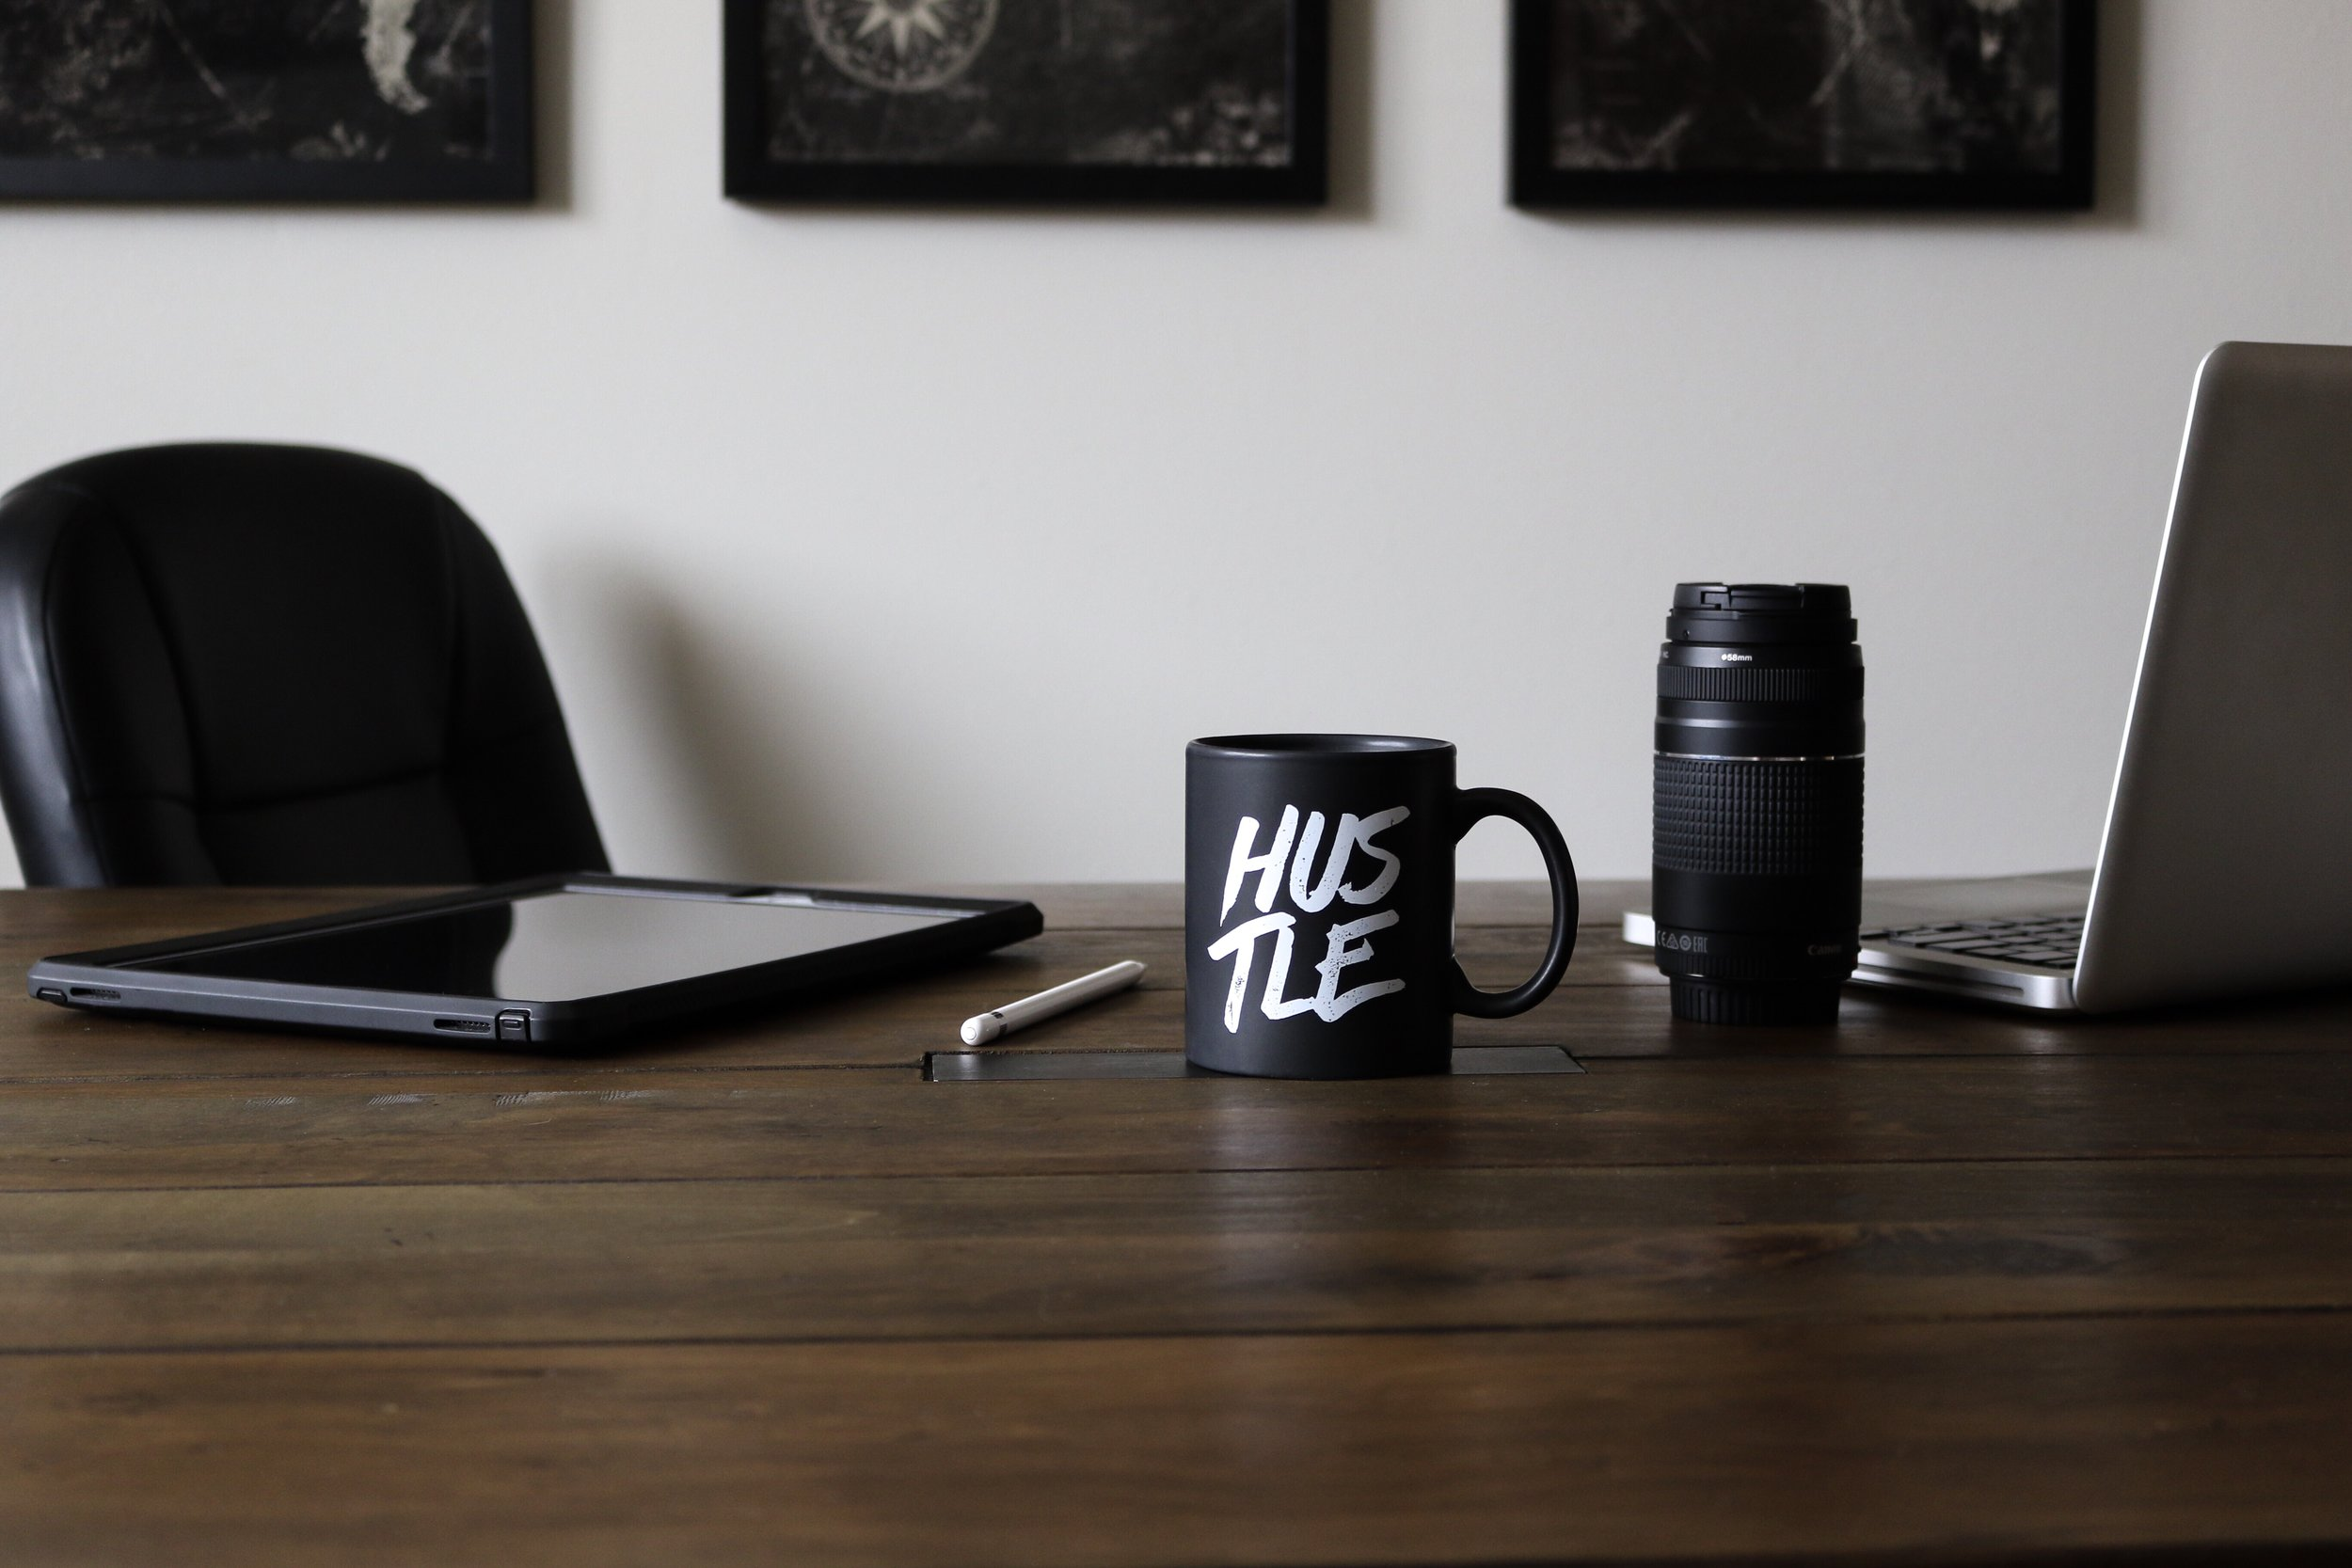 zen hustlers daily habits